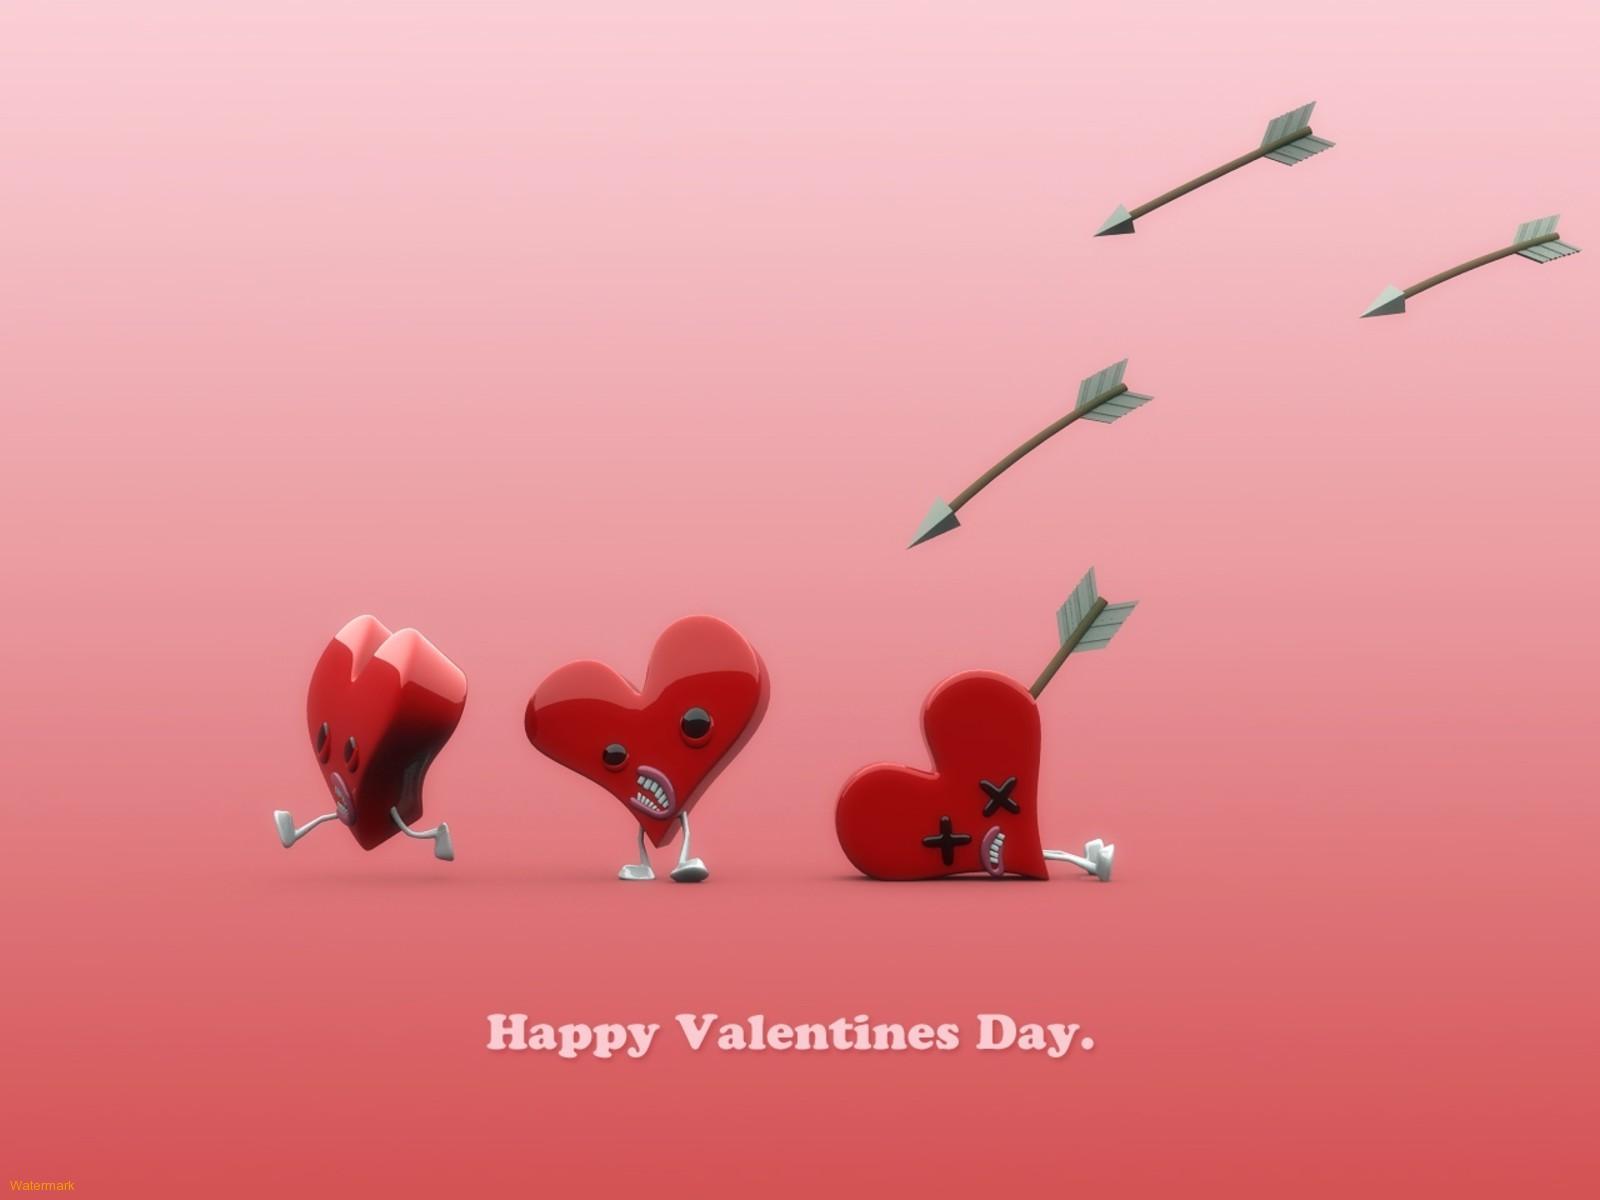 День святого Валентина, скачать фото, обои для рабочего стола, hearts, wallpaper